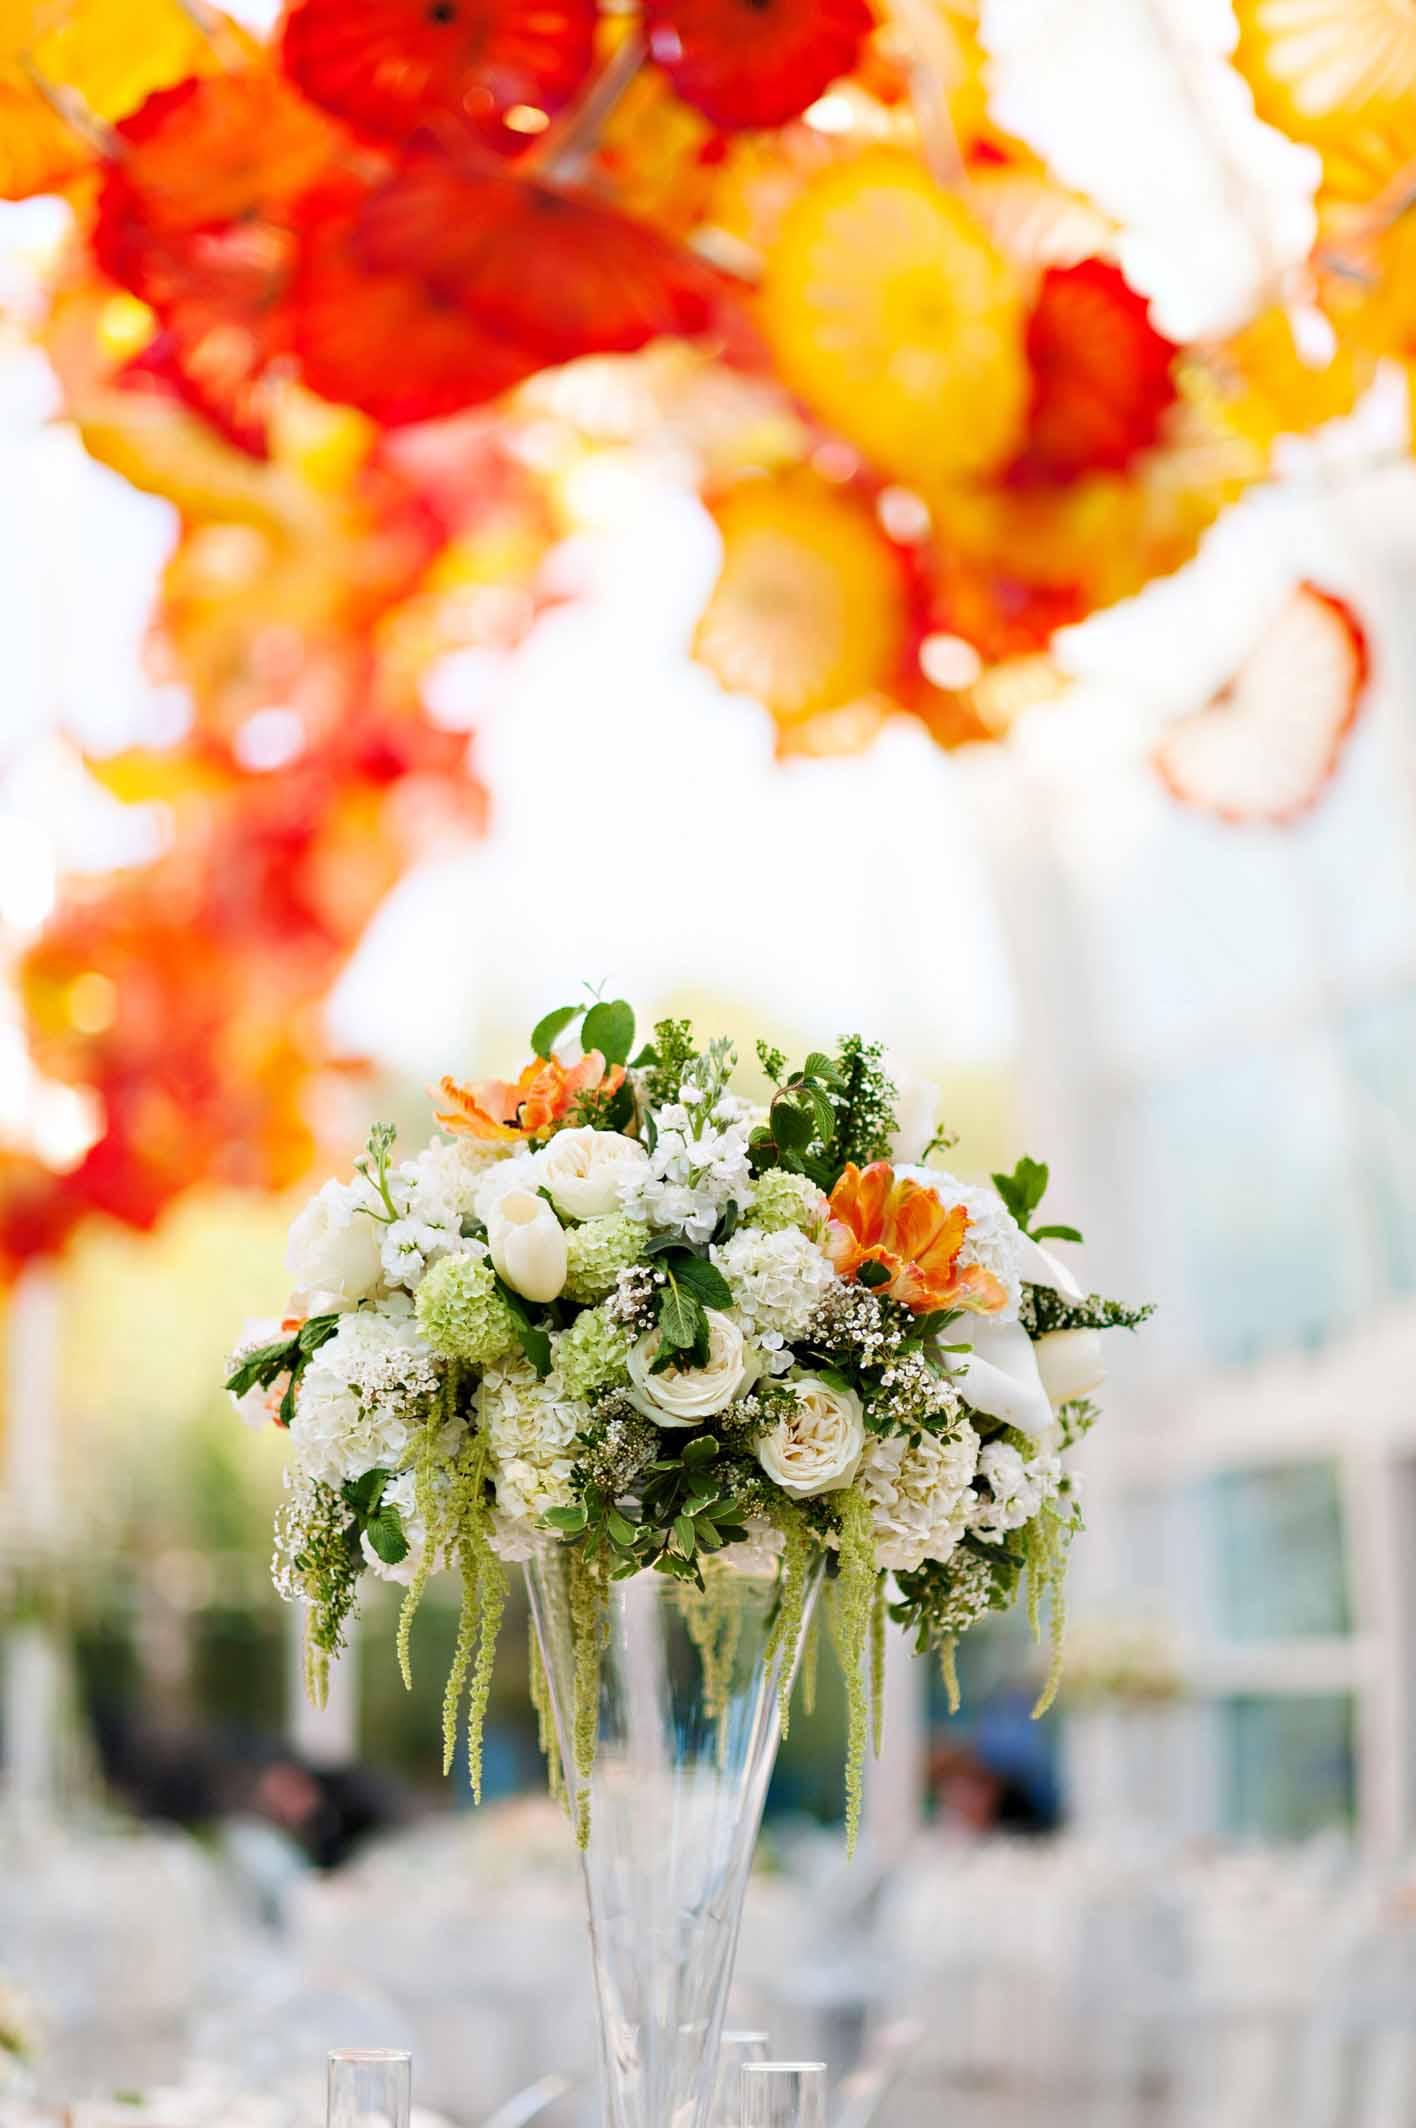 Large spring flower arrangement at Chihuly Garden and Glass wedding - designed by Flora Nova Design